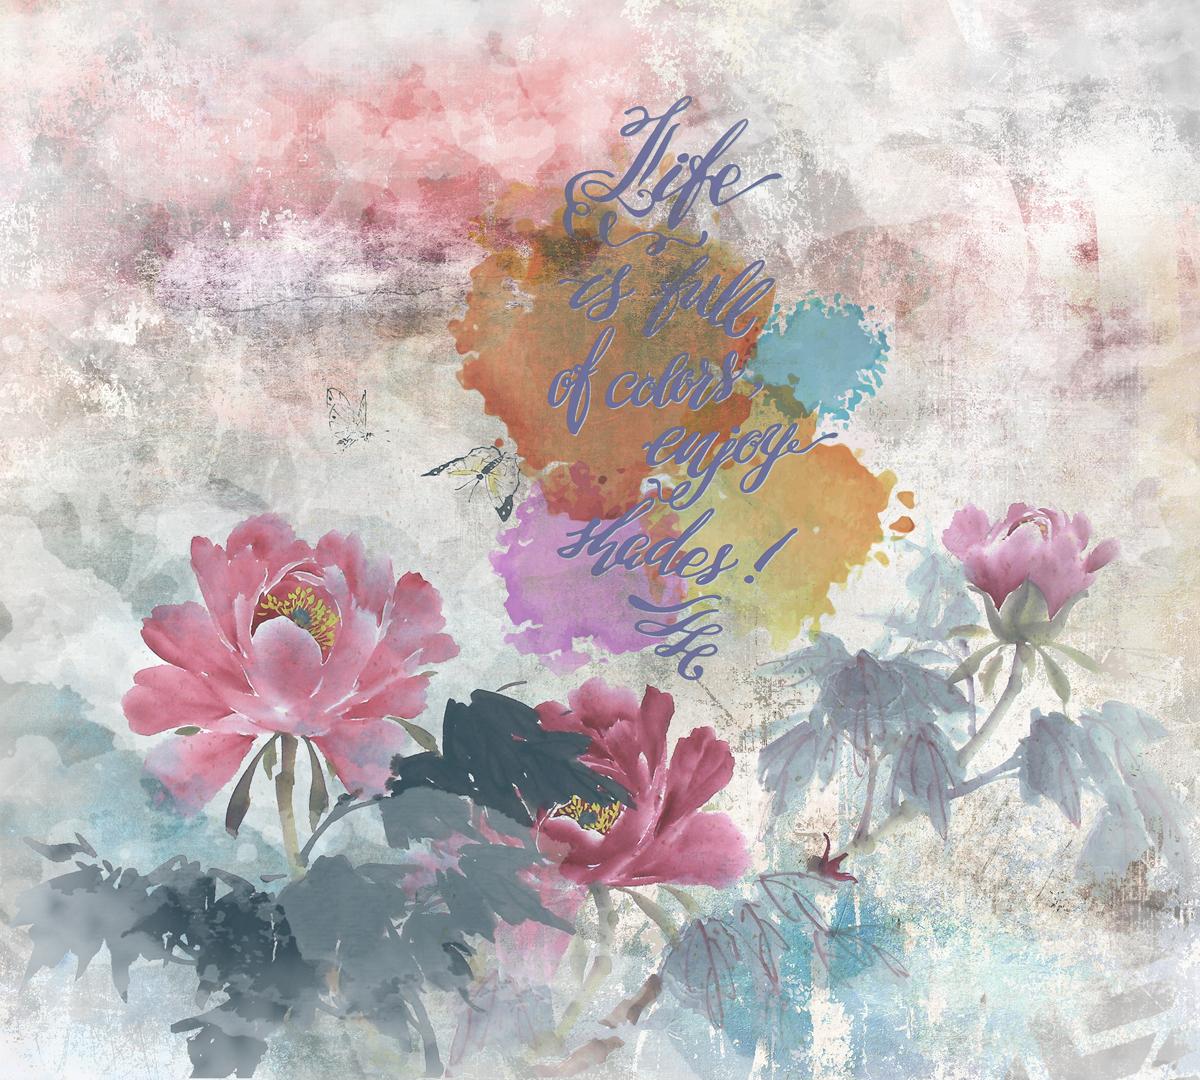 Фотообои Barton Wallpapers Цветы, 300 x 270 см. F20403F20403Флизелиновые фотообои Barton Wallpapers Цветы. Превосходное цифровое качество изображения, экологичные, износостойкие, не пахнут, стойки к выцветанию, просты в поклейке. Каждому человеку хочется внести индивидуальности в свой интерьер и сделать его уютней. Английские обои Barton Wallpapers сделают это лучше всего!